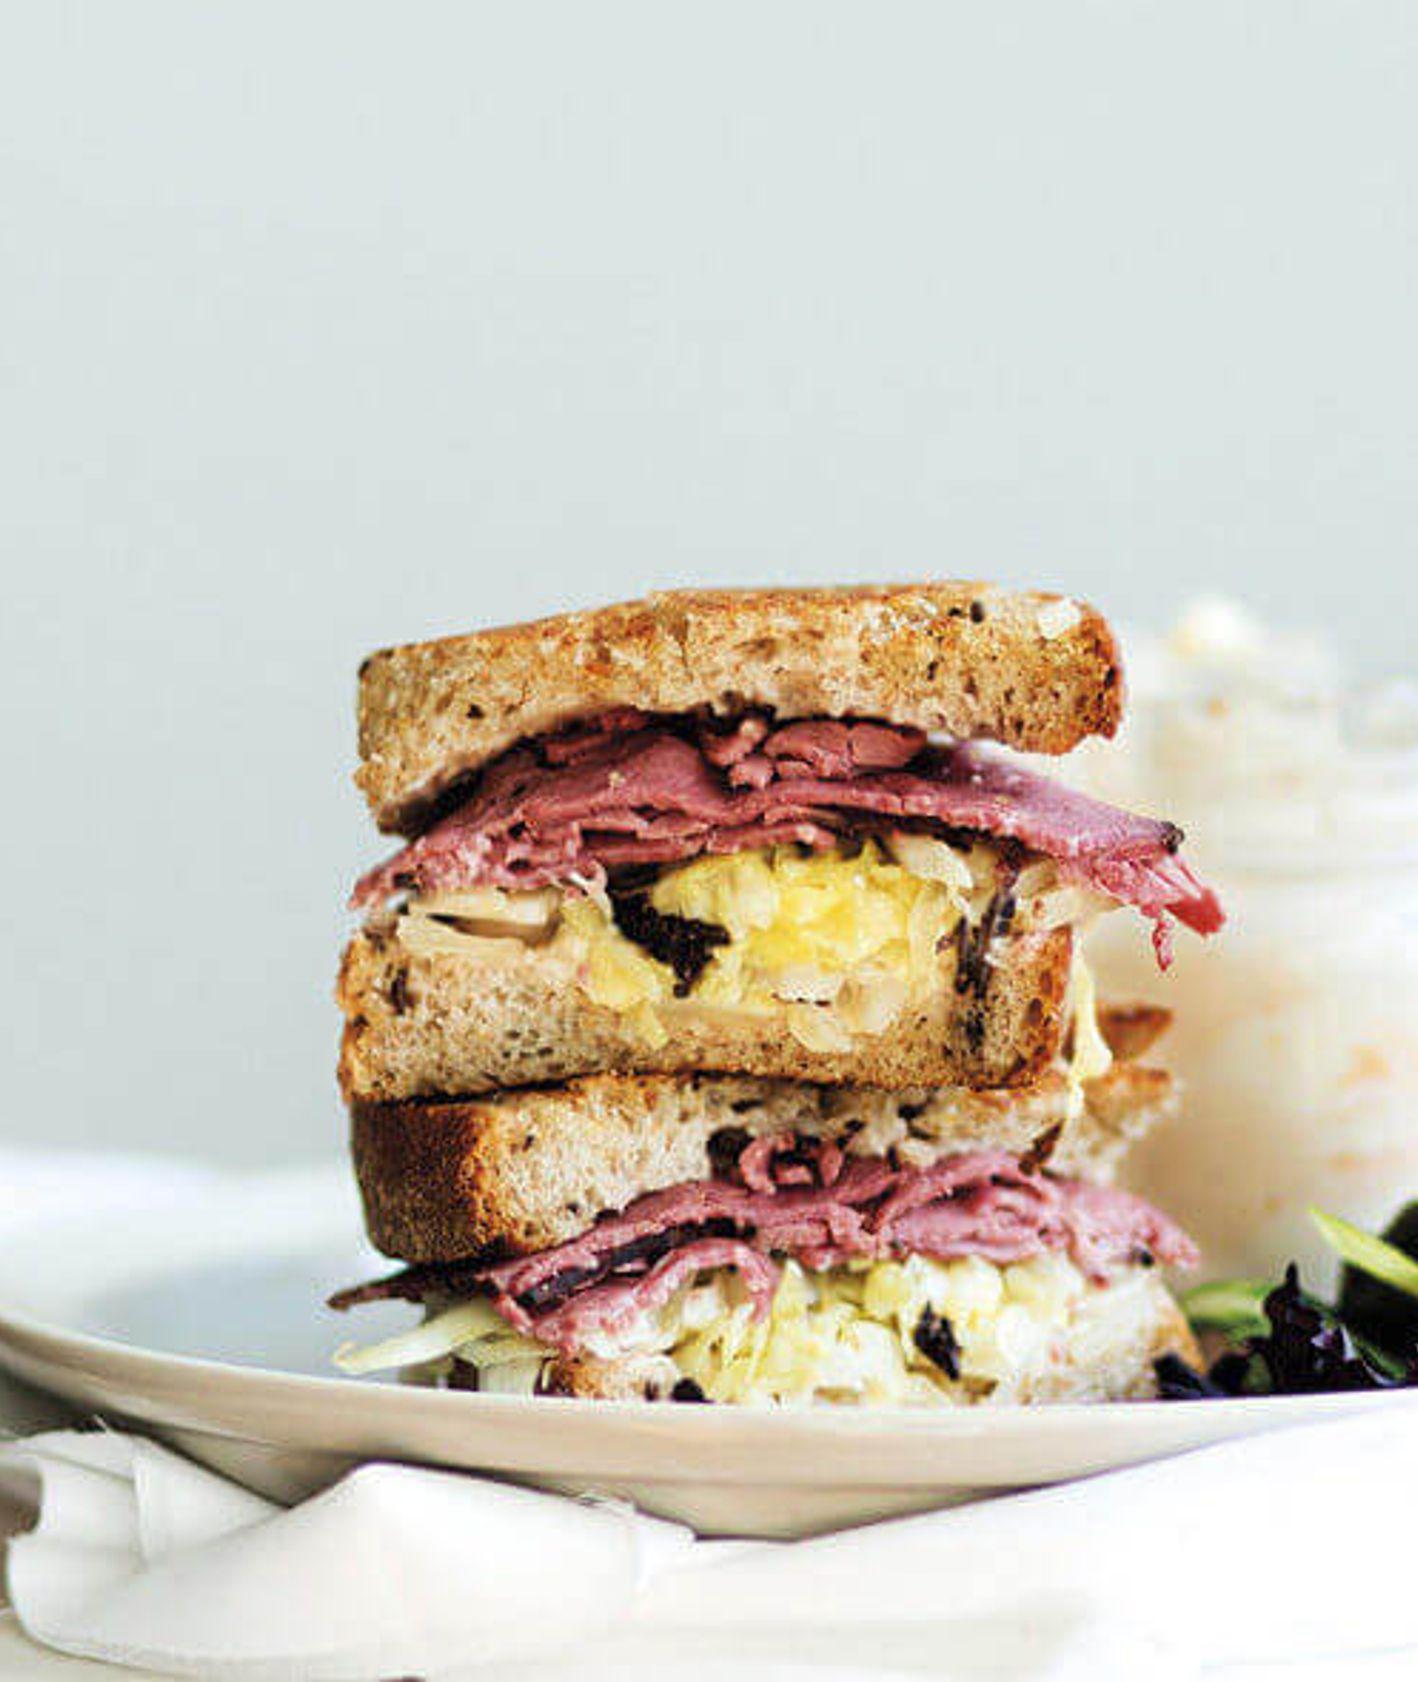 kanapka z pastrami, kanapka z kapustą kiszona, chleb na zakwasie, szybka kanapka, kanapka do pracy, przekąski na imprezę, kanapka roubena